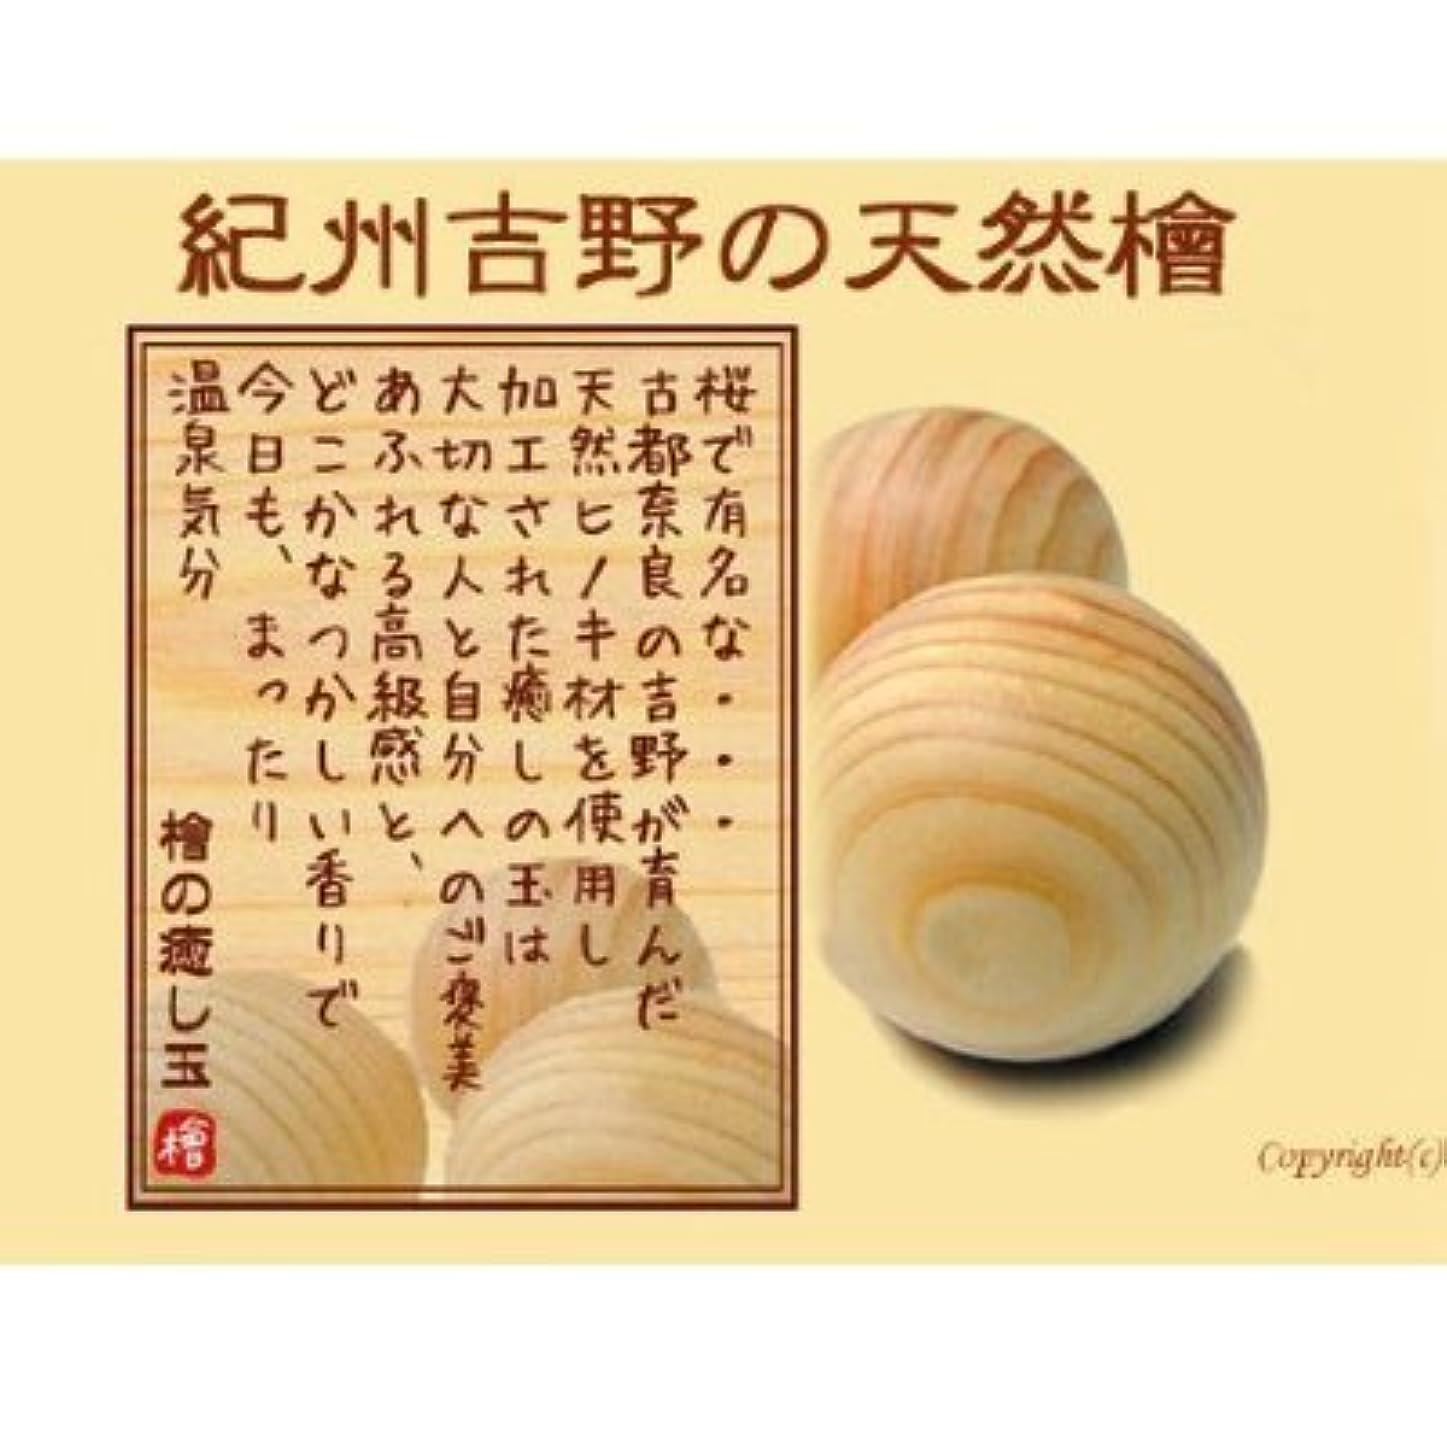 恥ずかしい放棄するホームレス古都奈良の吉野が育んだ天然ヒノキ【檜の癒し玉10袋】入浴剤